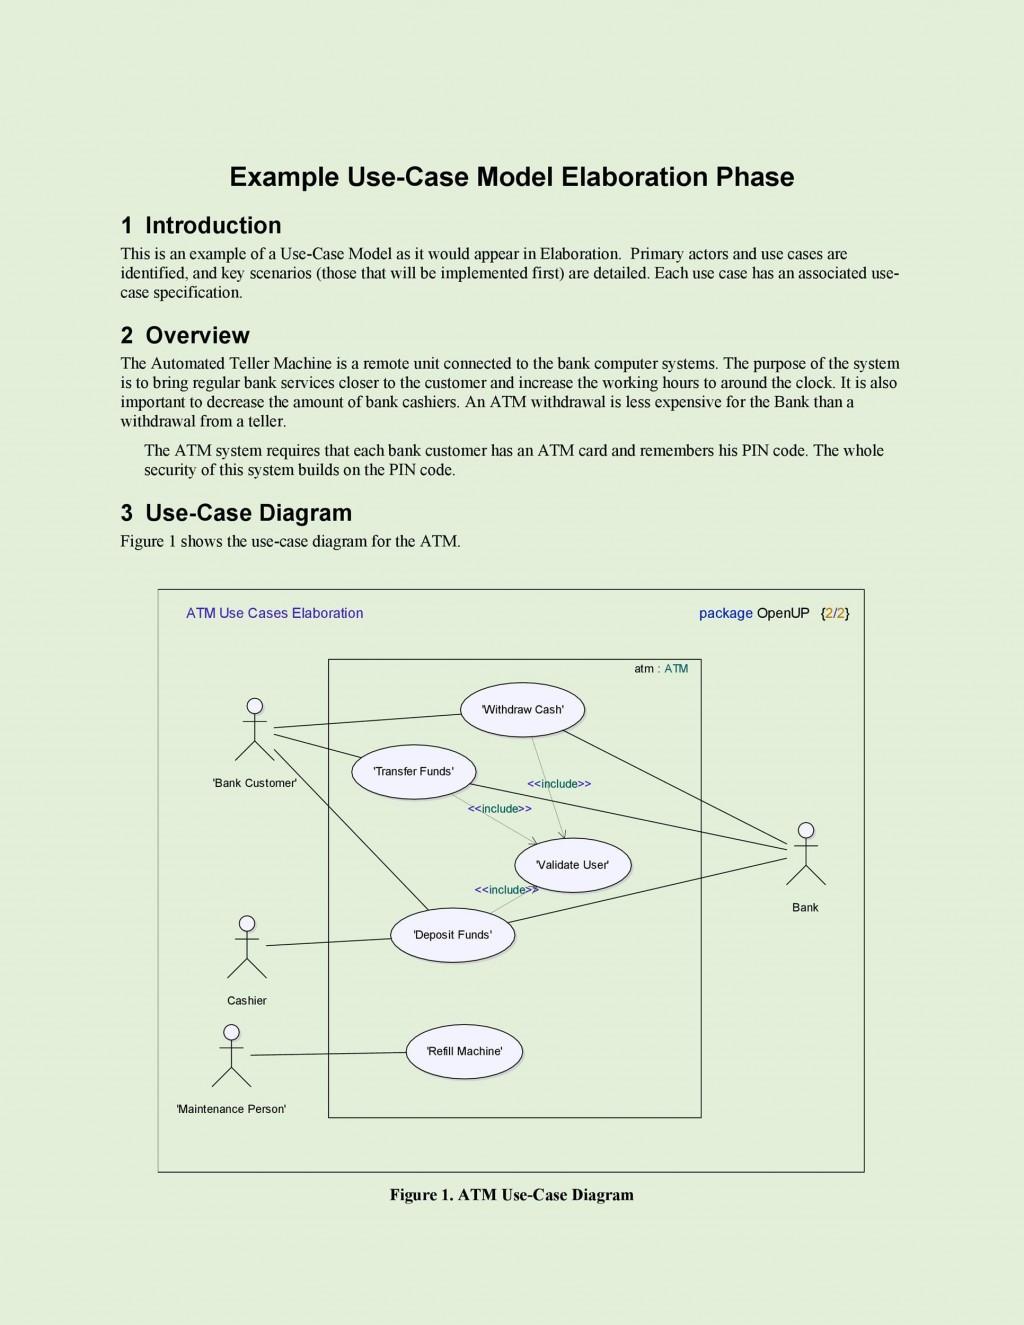 010 Singular Use Case Diagram Template Free Sample Large